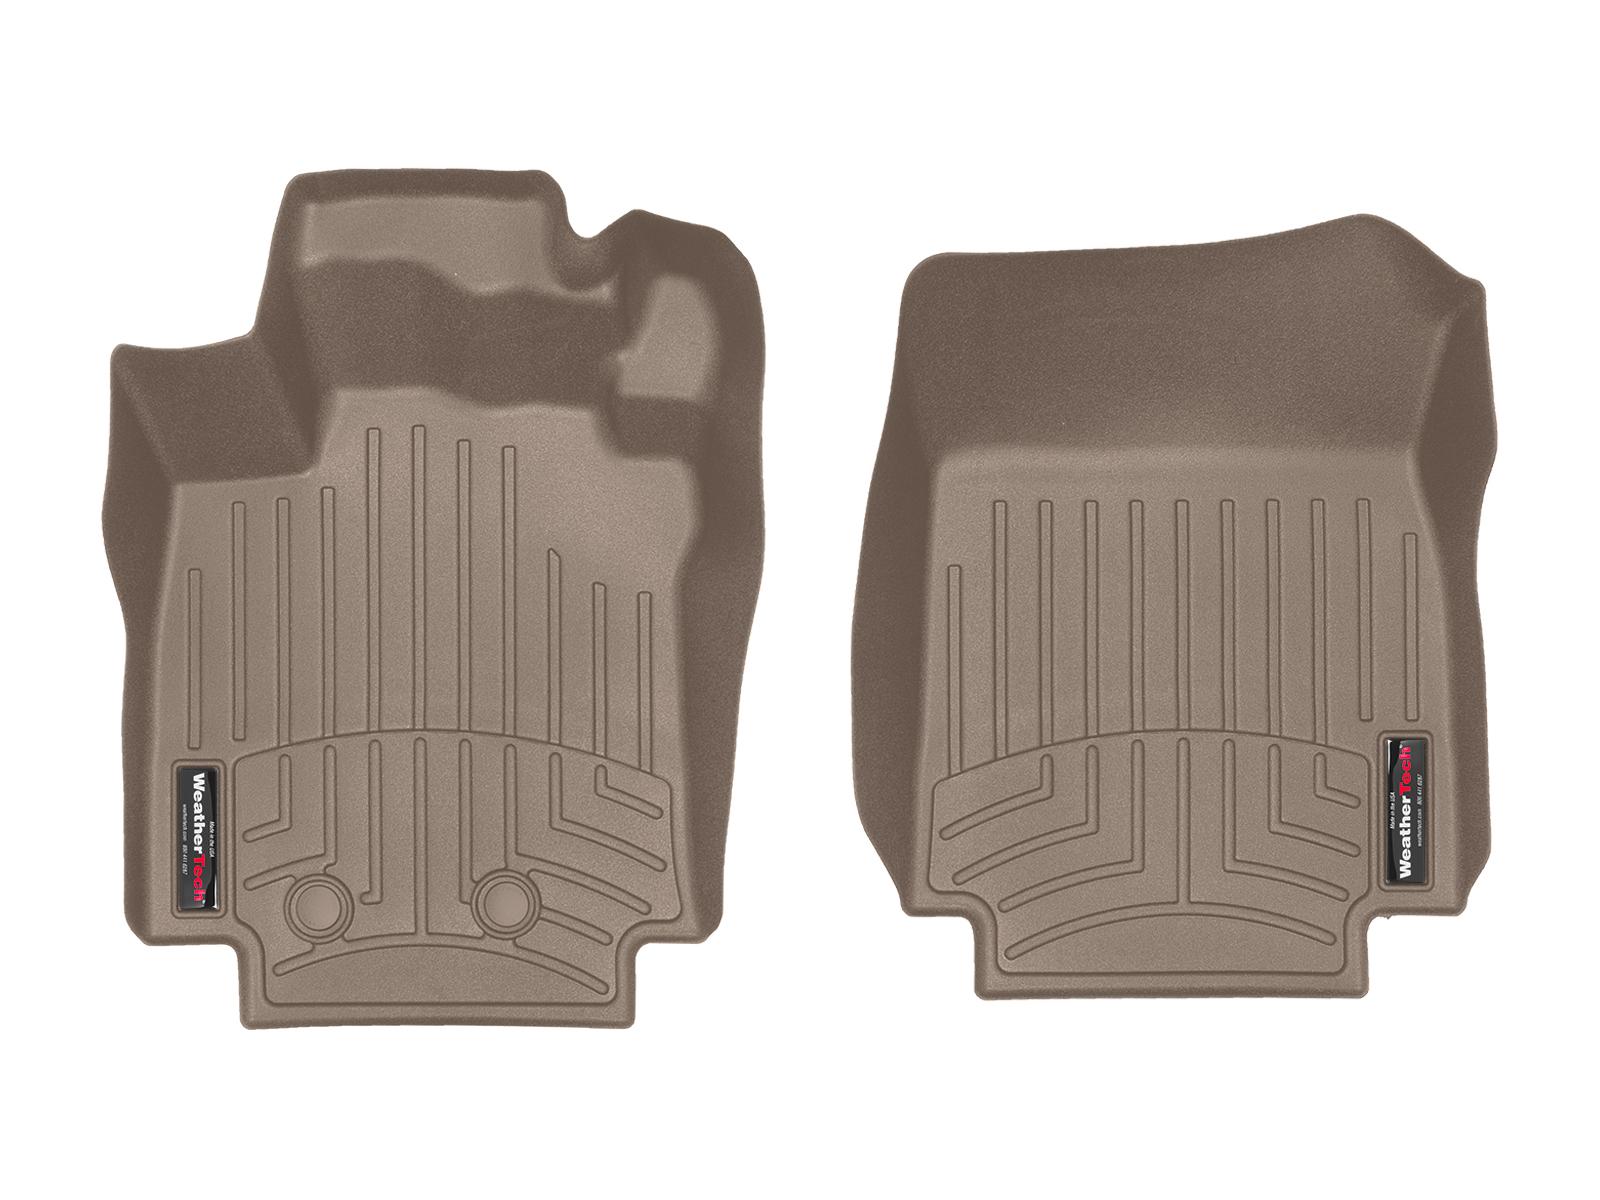 Tappeti gomma su misura bordo alto Renault Clio 06>14 Marrone A3230